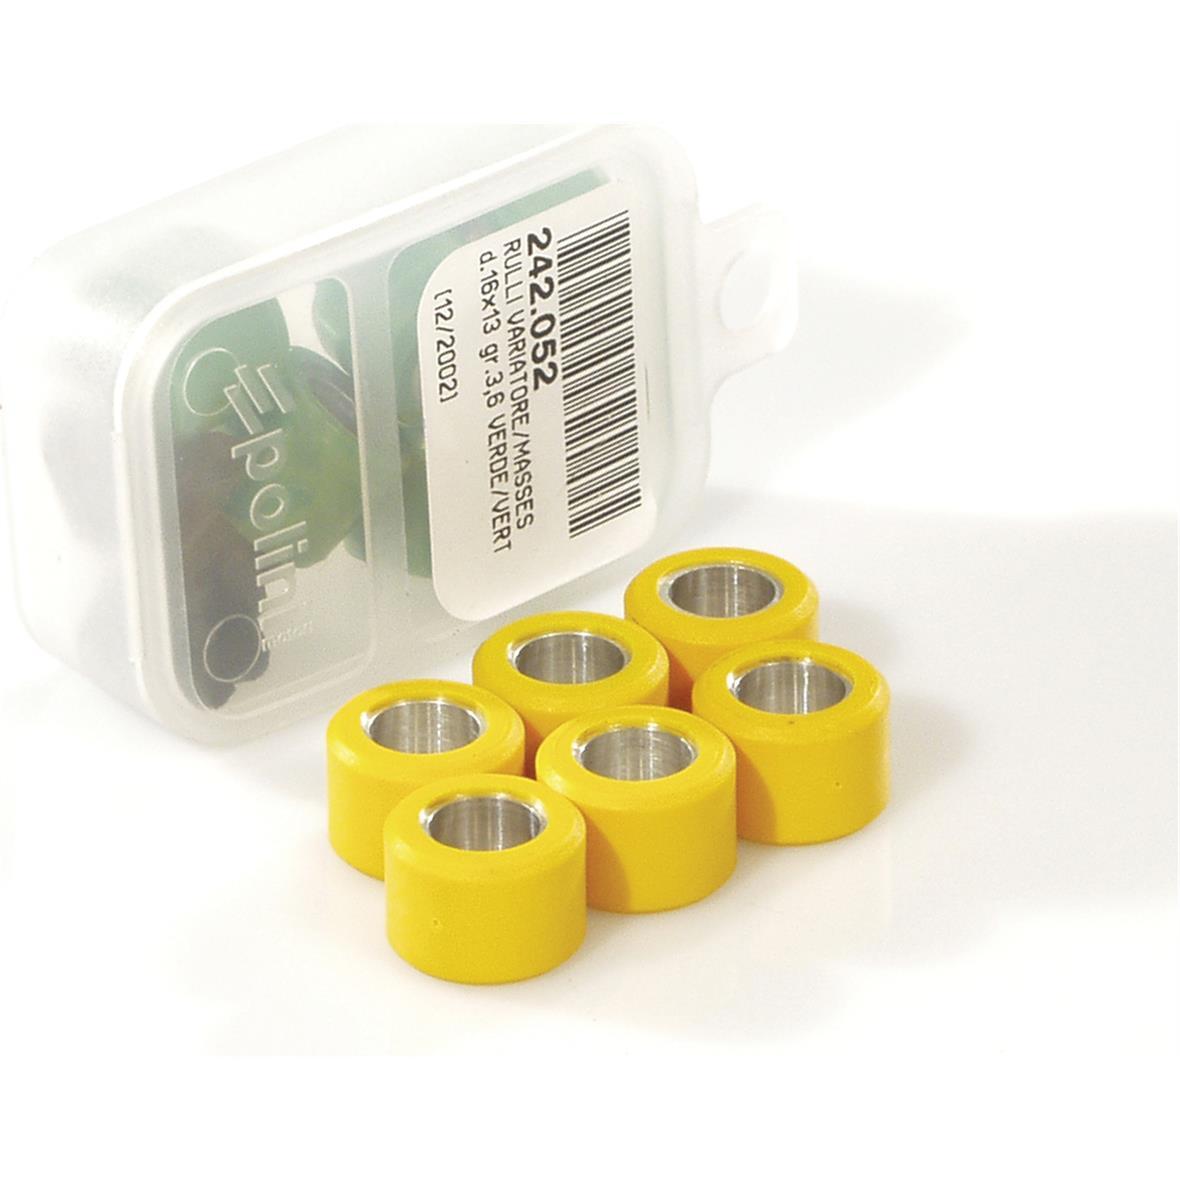 Productafbeelding voor 'Variateur Rollen POLINI 17x12 mm 3,2 gramTitle'